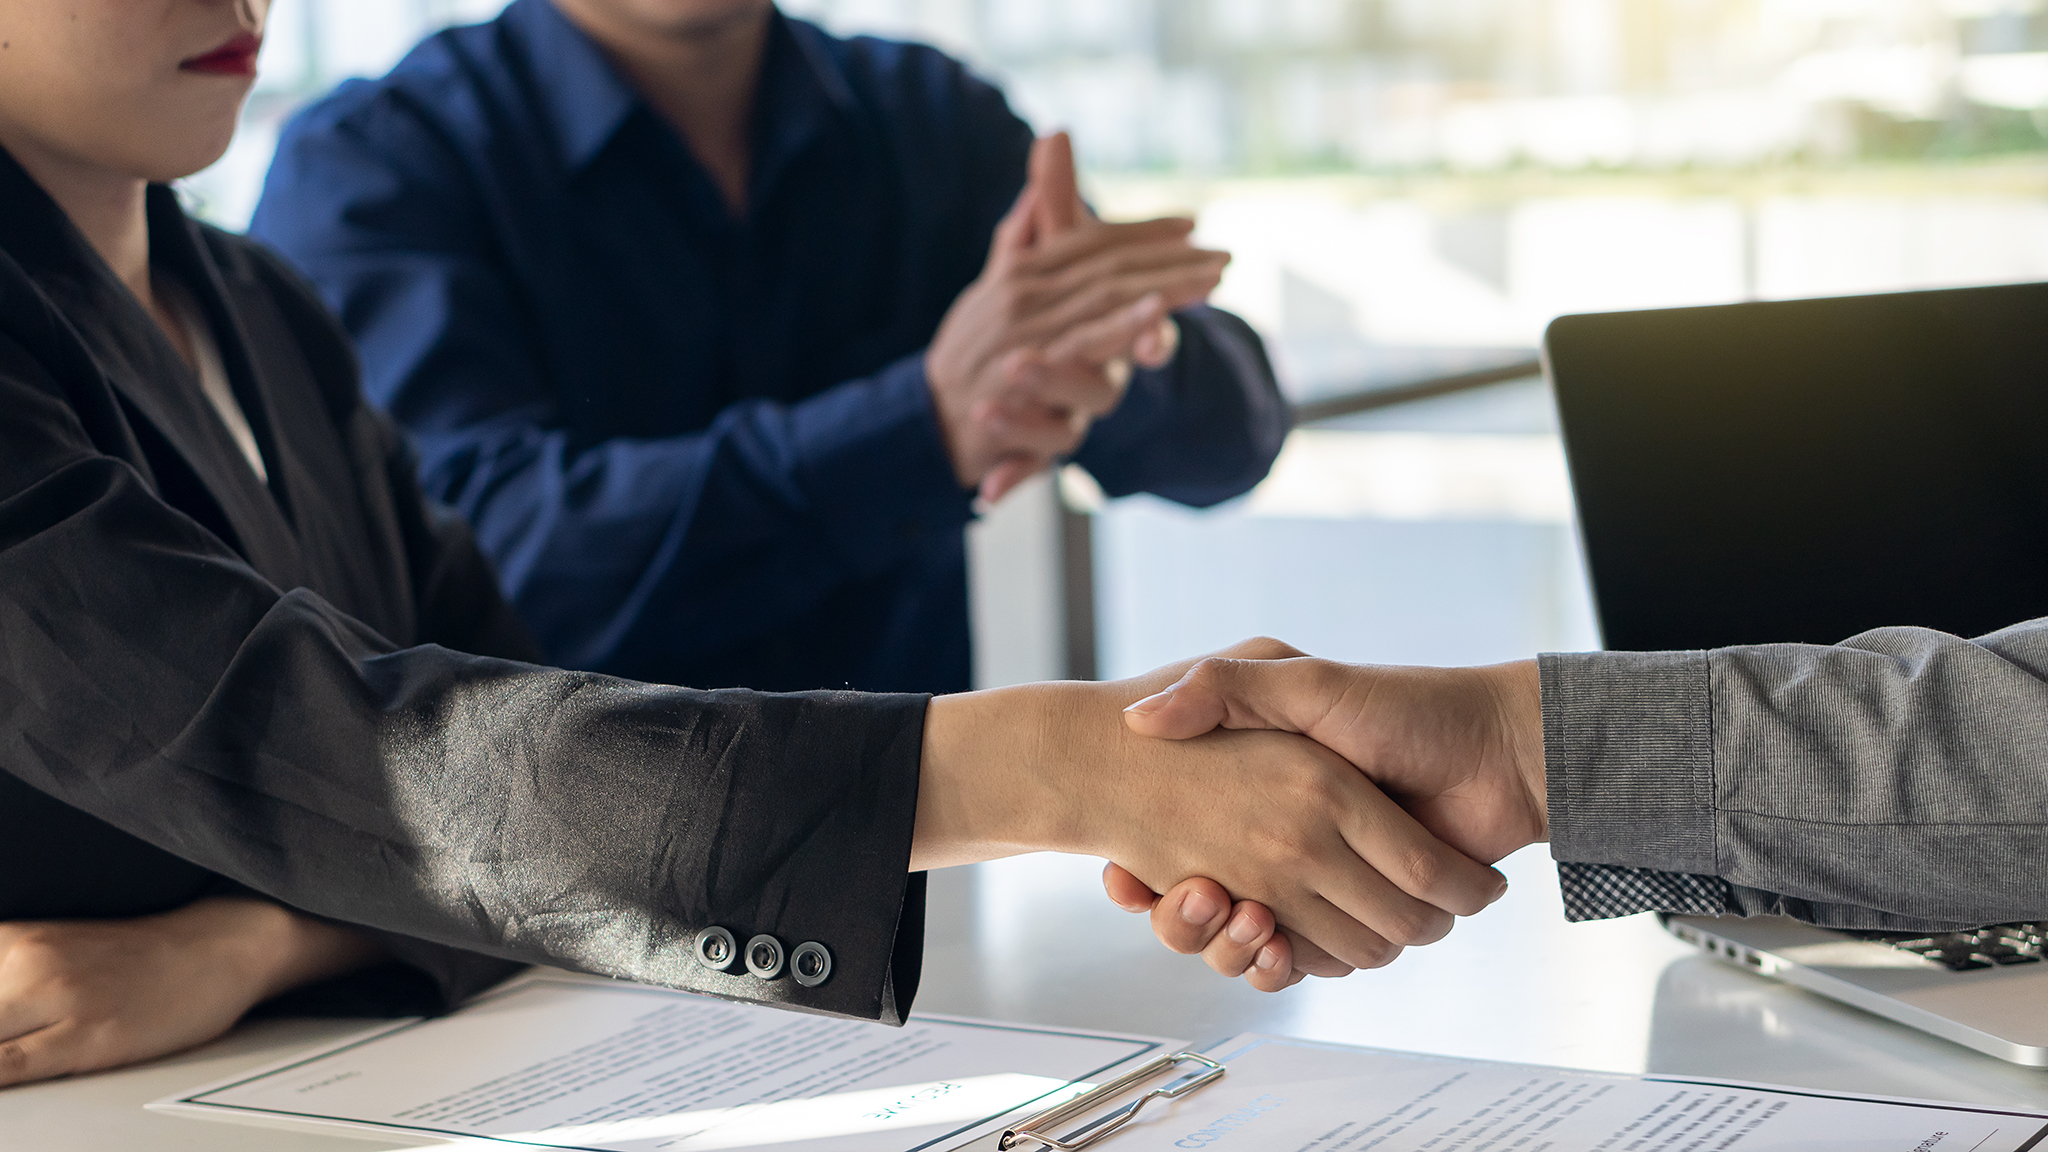 転職活動でおさえたい中途採用面接の流れやマナー、質問の回答例